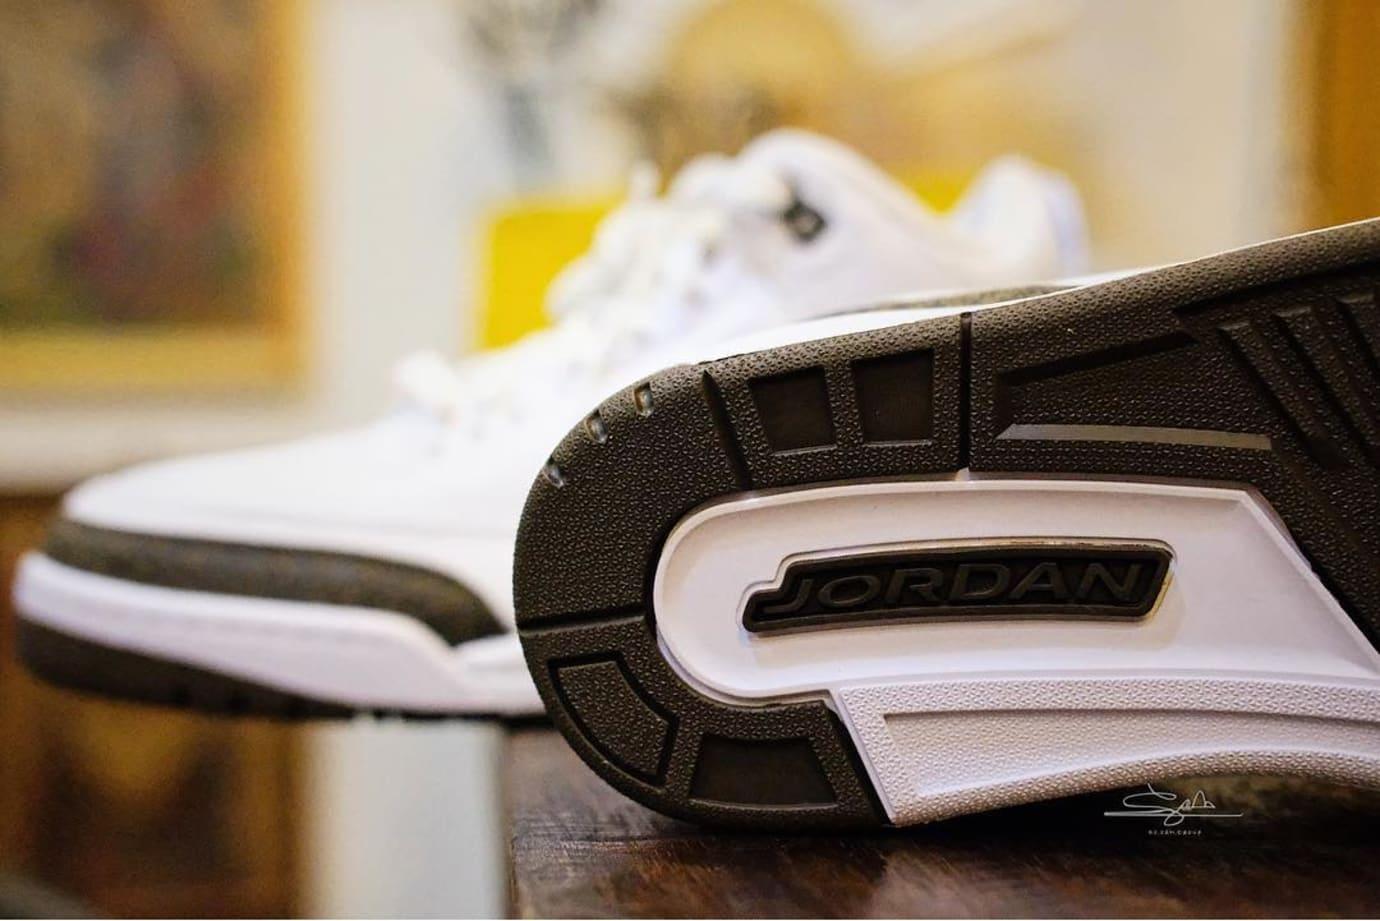 Air Jordan 3 'Mocha' 136064-122 (Sole)